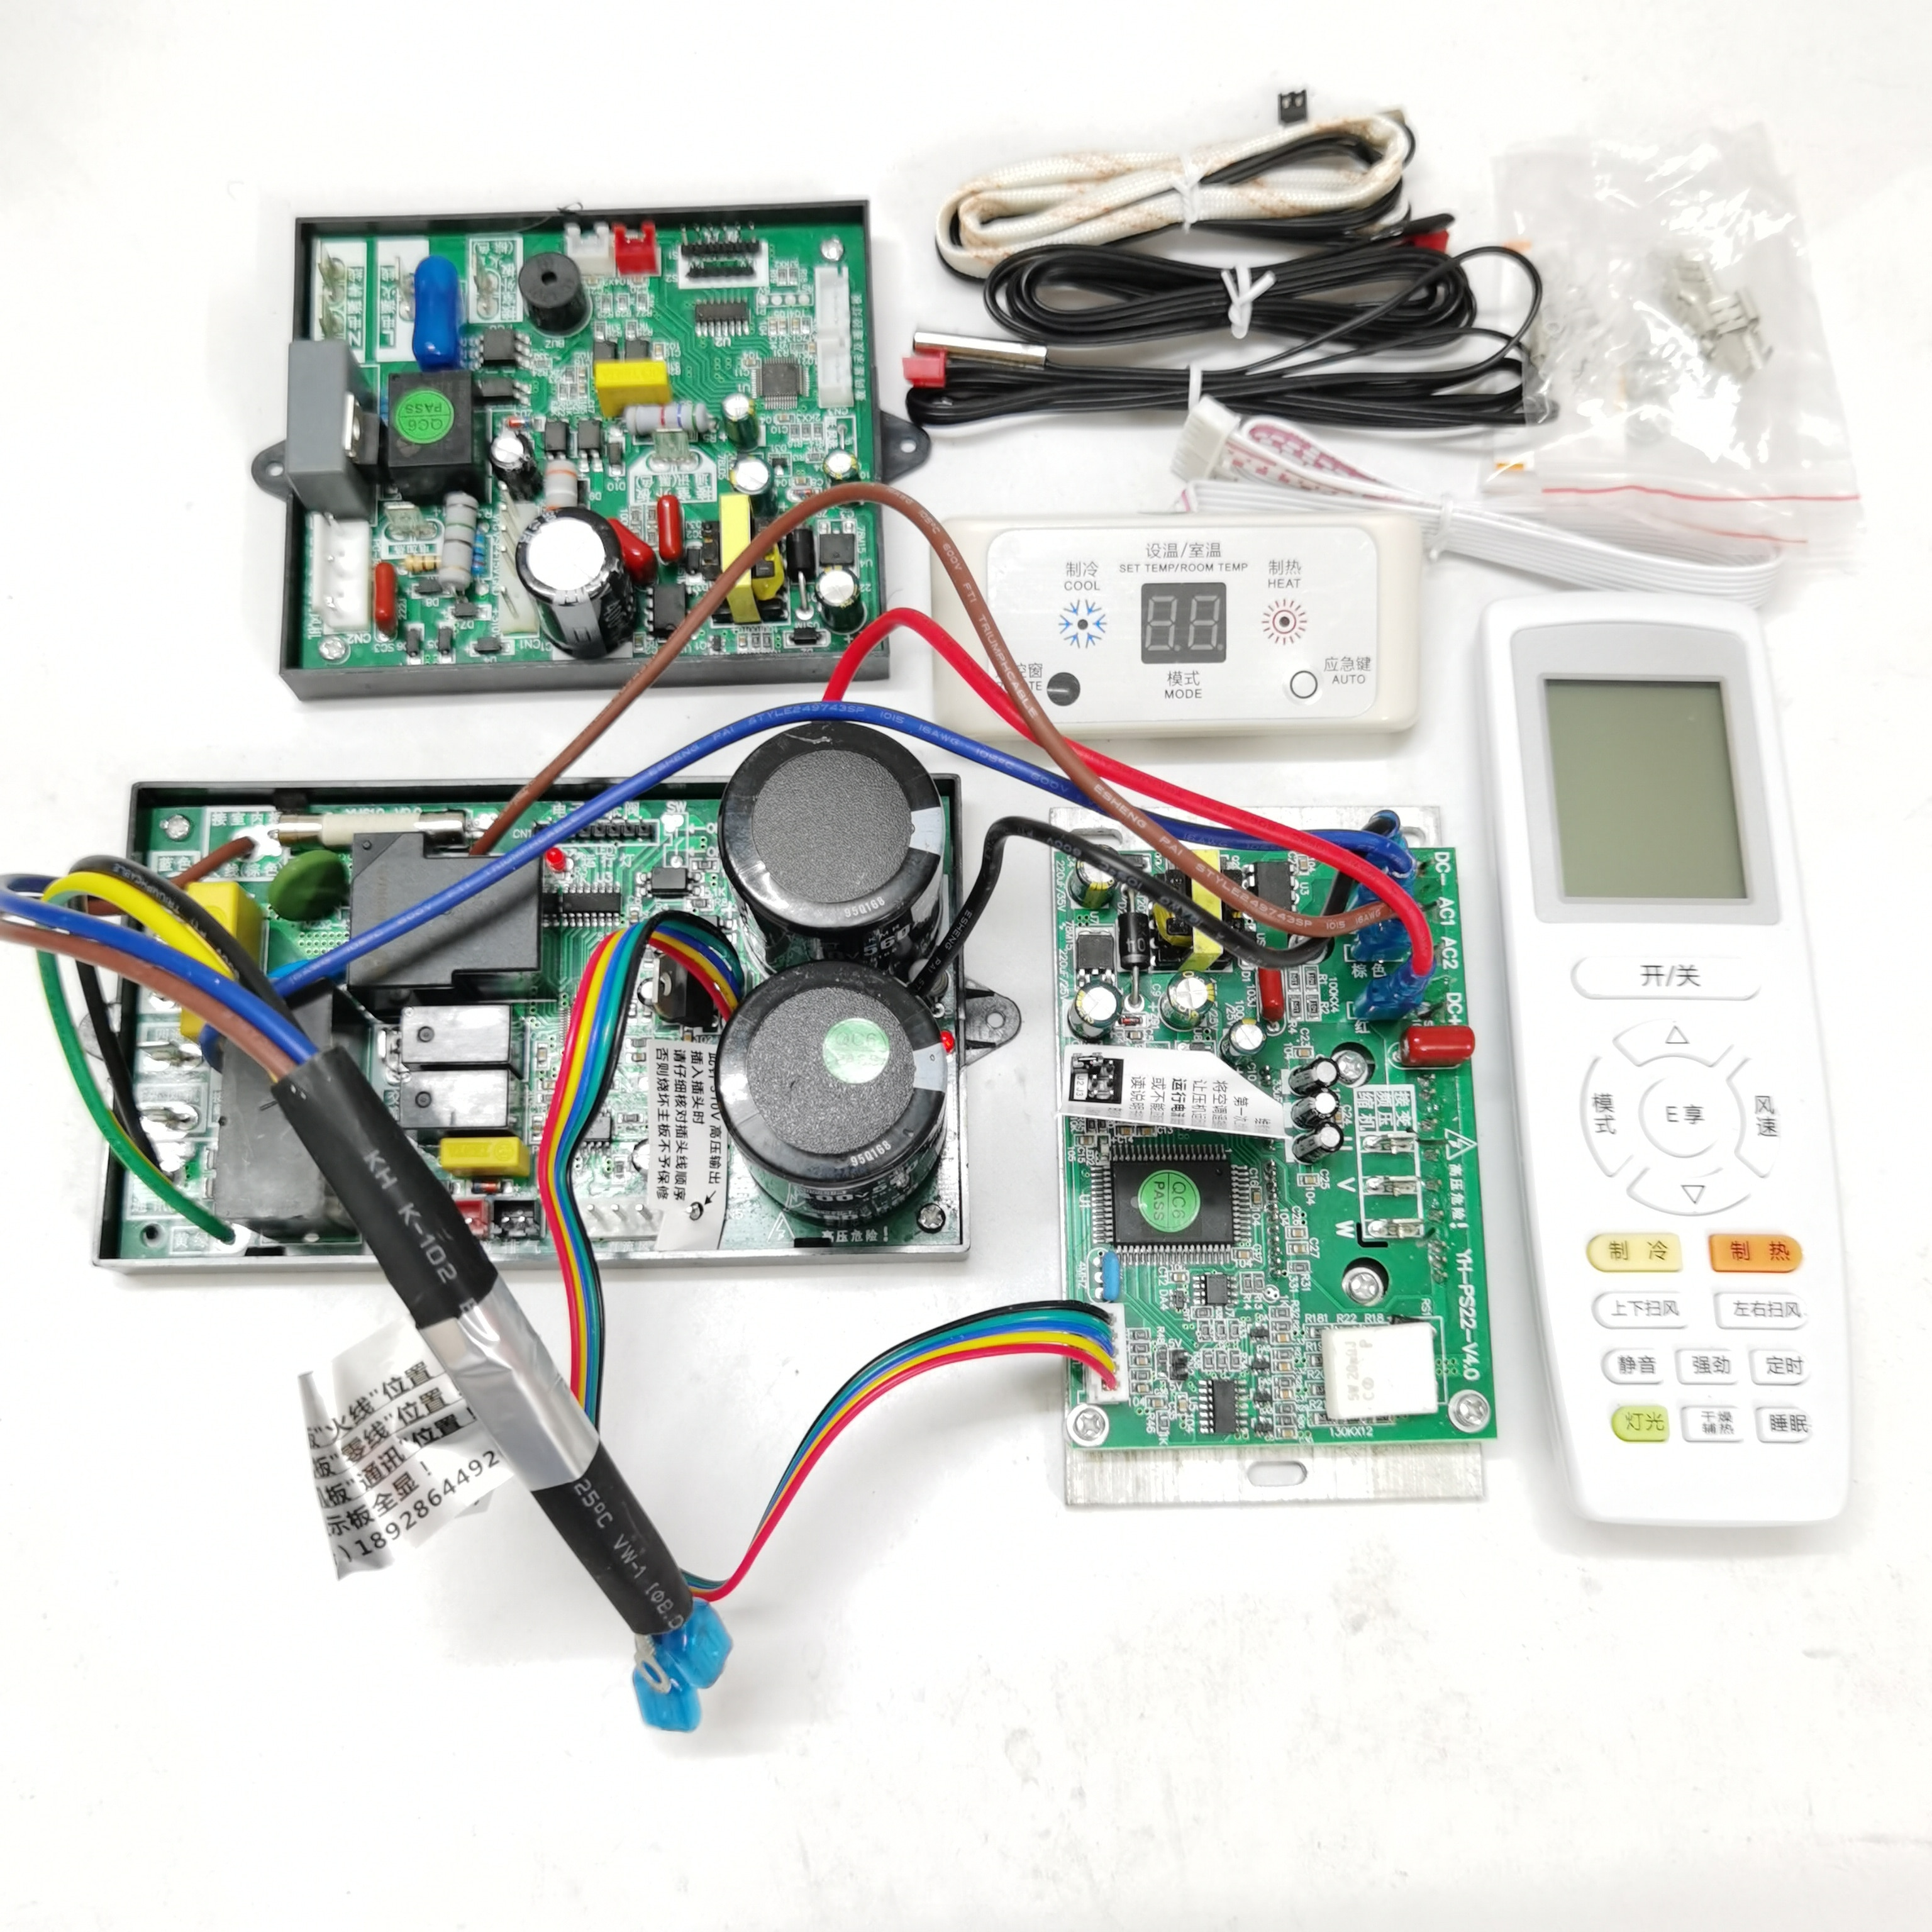 2P3P5P لوحة تحكم عالمية ، محول مكيف الهواء المنفصل ، تيار متردد وتيار مستمر